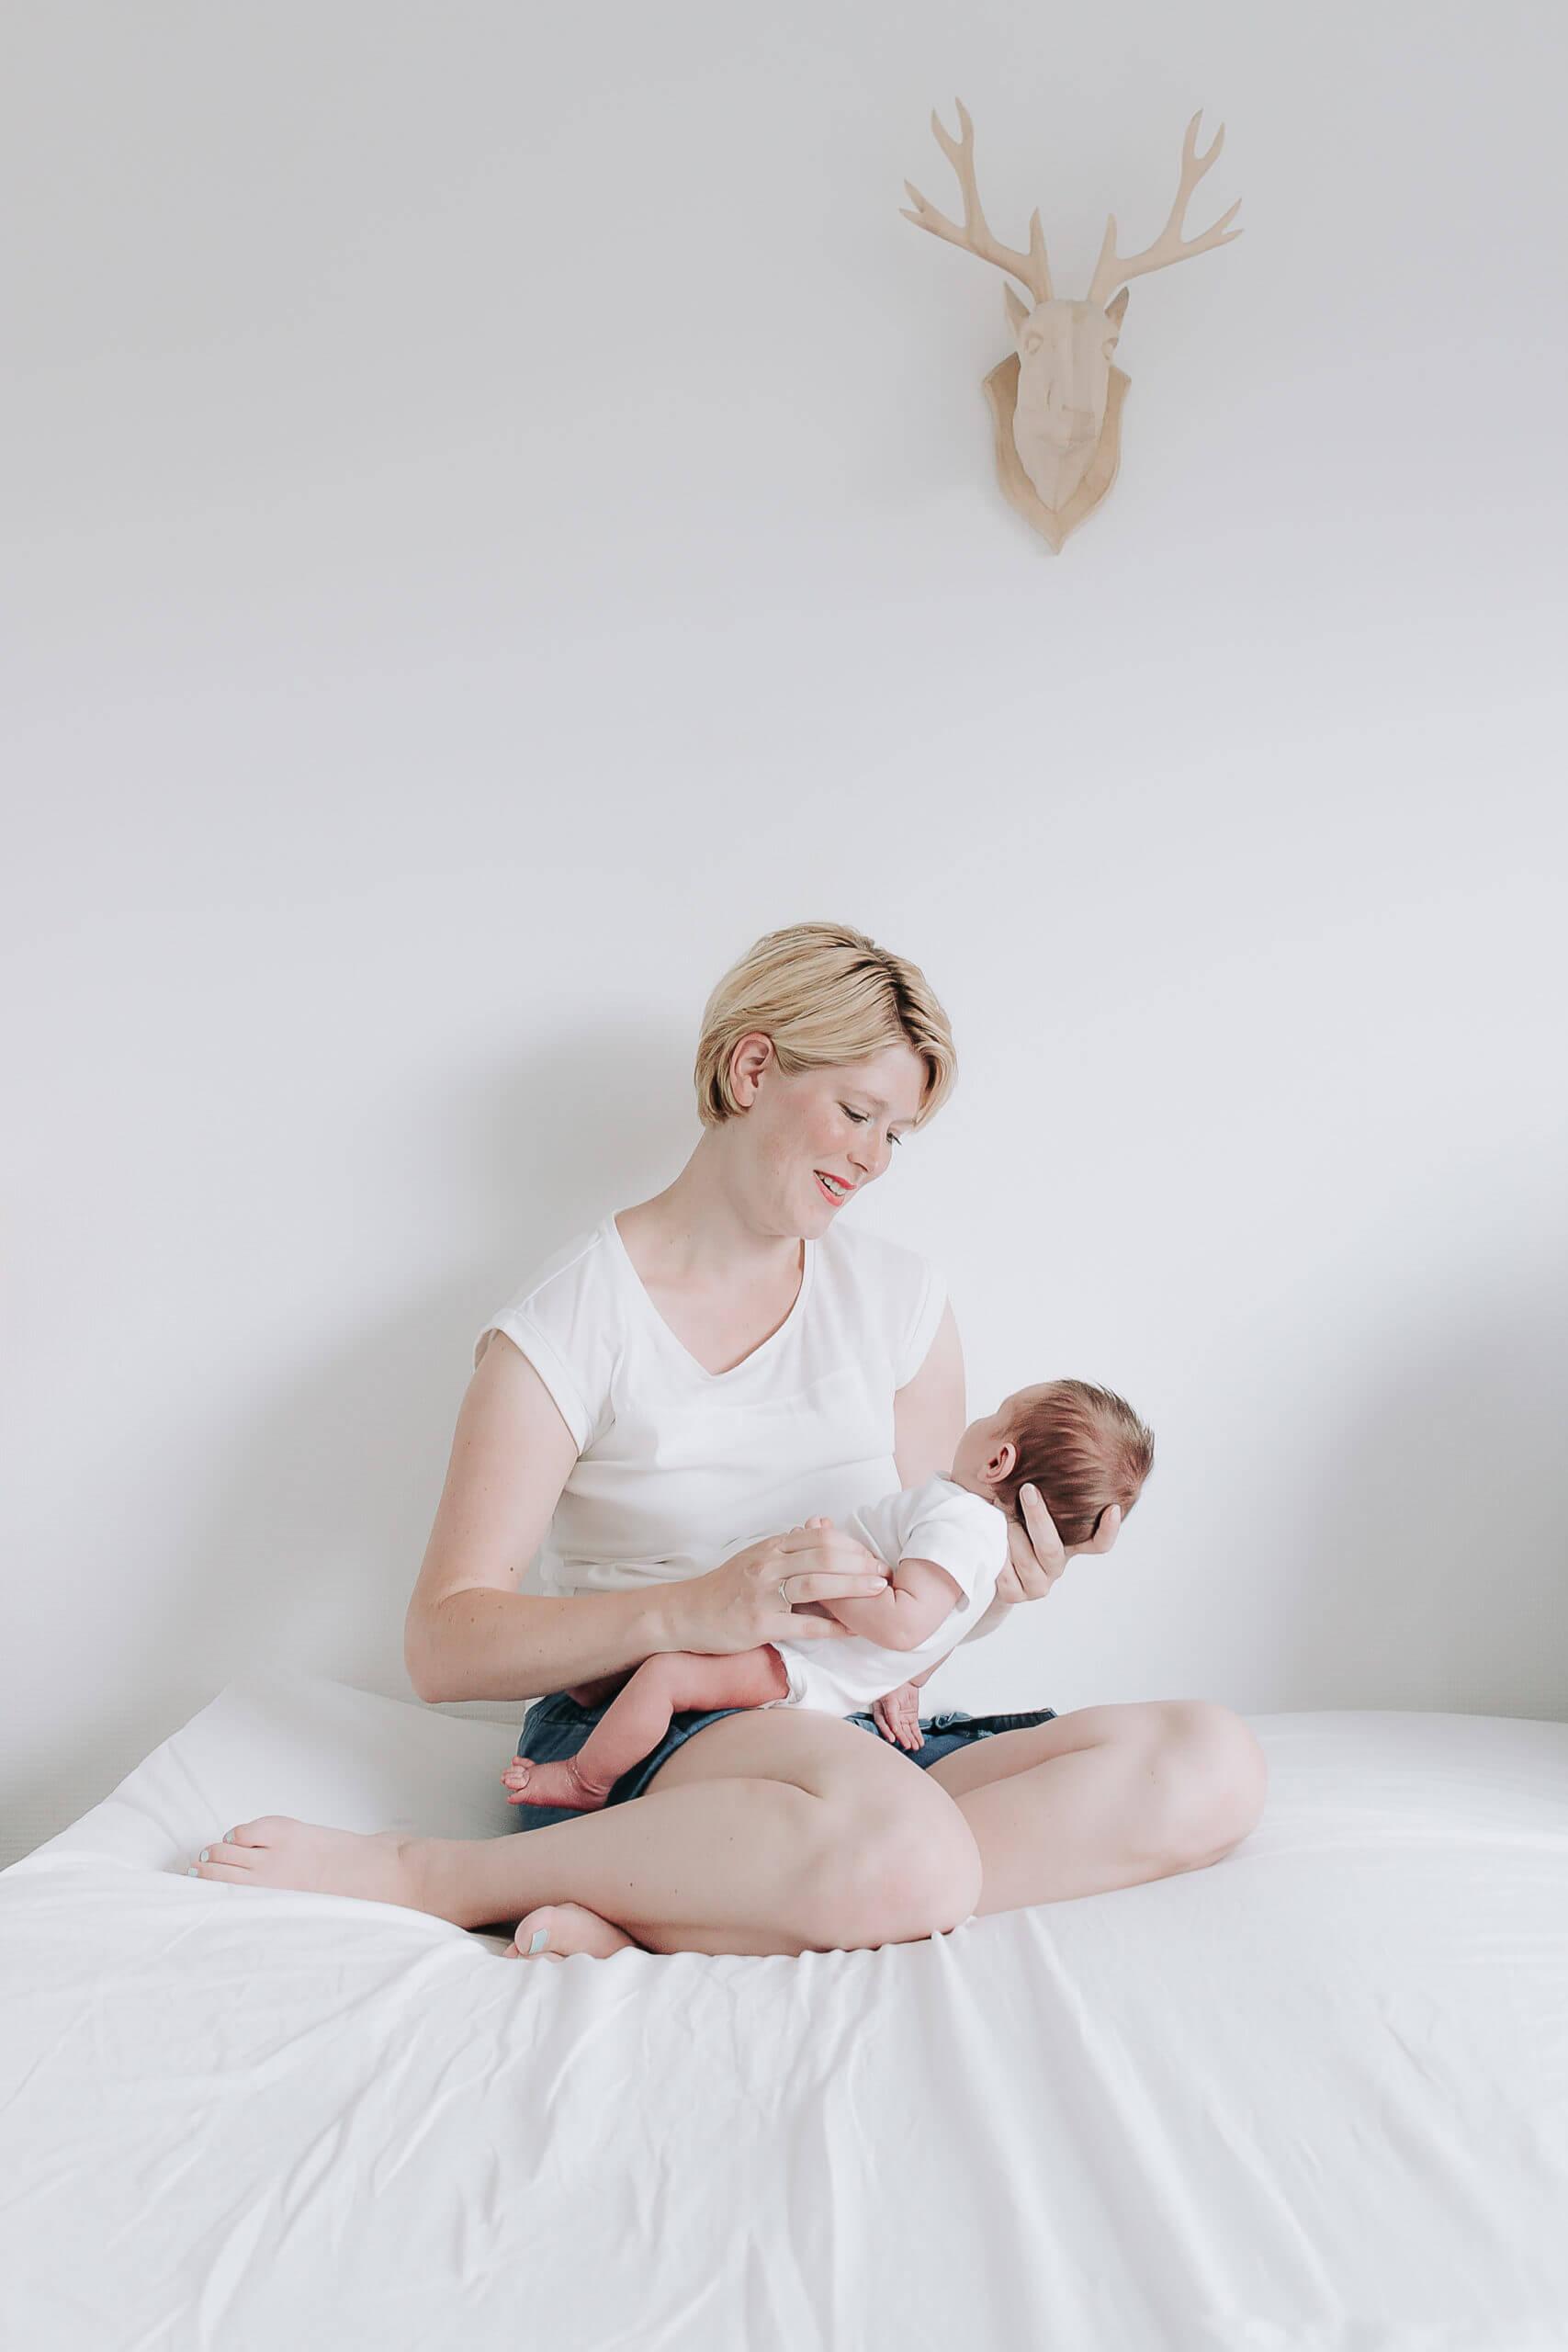 newborn fotograaf Groningen, newborn fotoshoot Groningen, baby shoot Groningen, newborn fotografie Groningen, pasgeboren baby fotoshoot, lijn 10, Haren, Zuidlaren, Ten Boer, Roden, Grijpskerk, Reitdiep, Rivierenbuurt